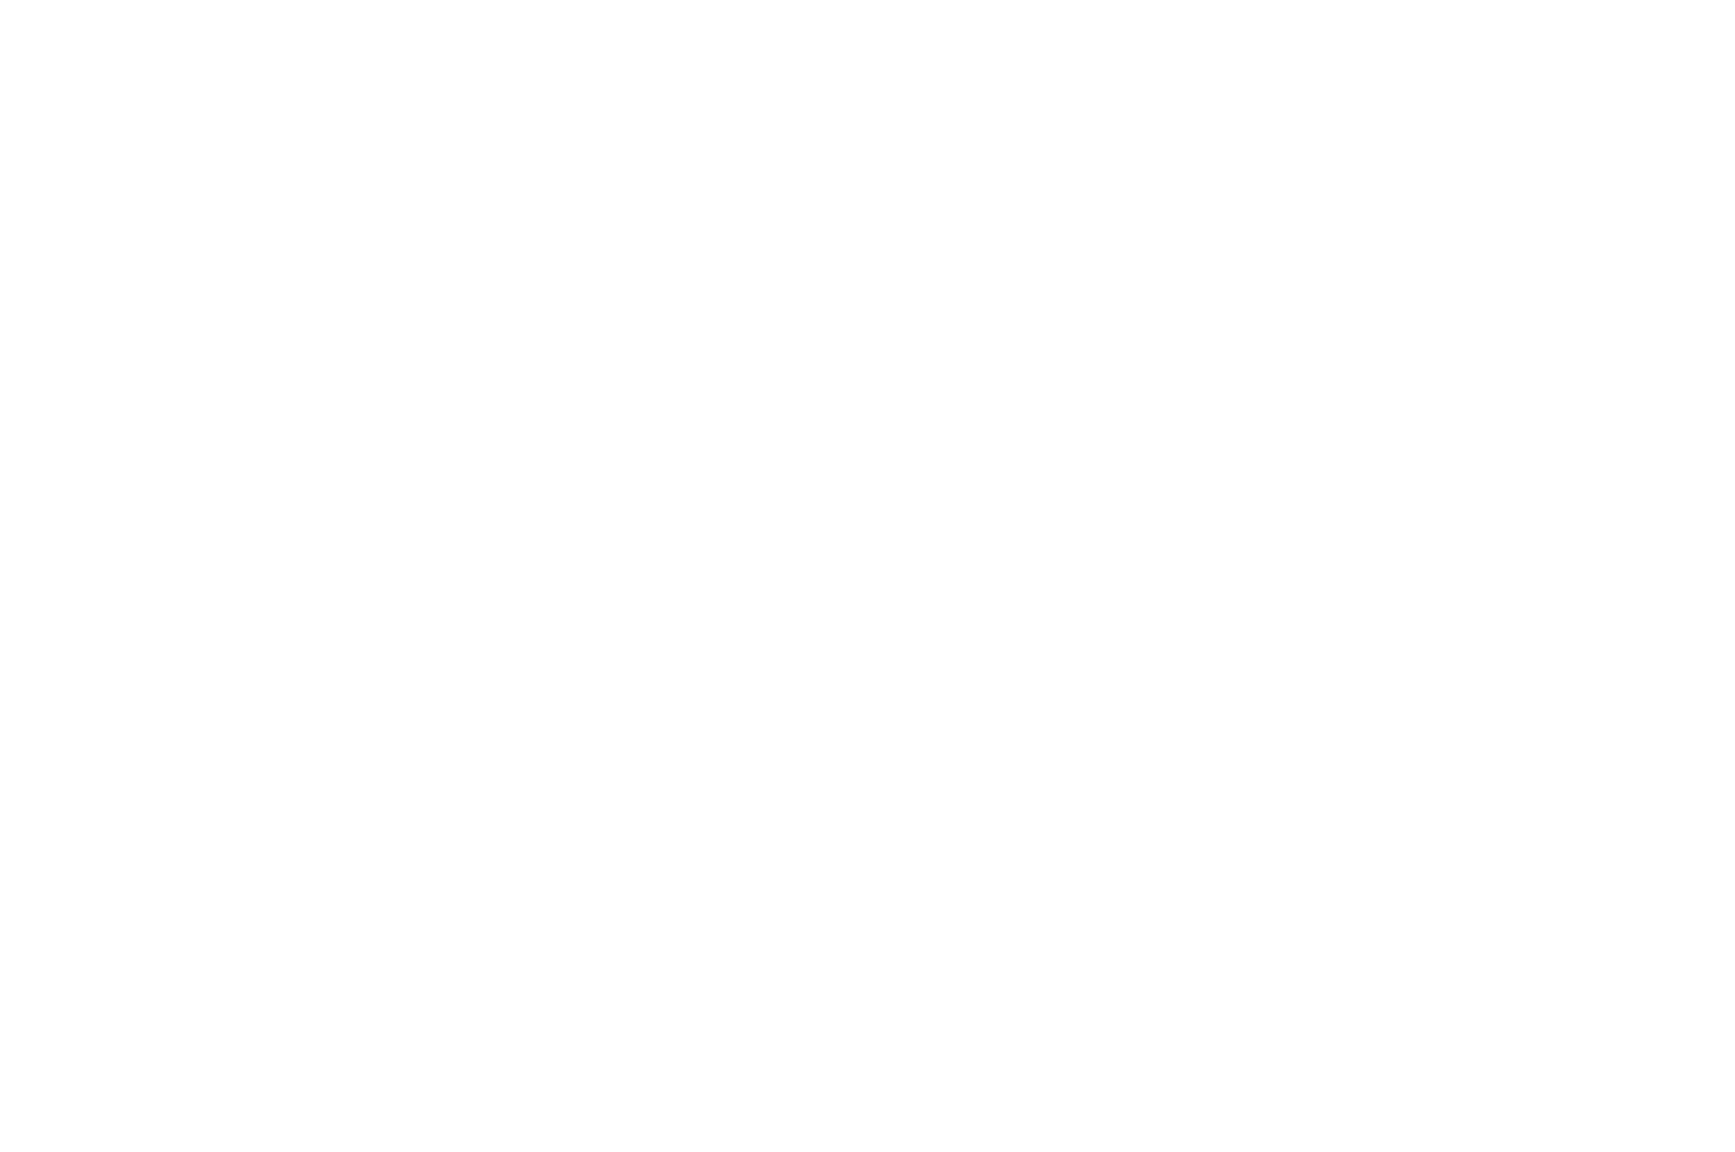 FINALIST - Page Turner Screenplays - 2020